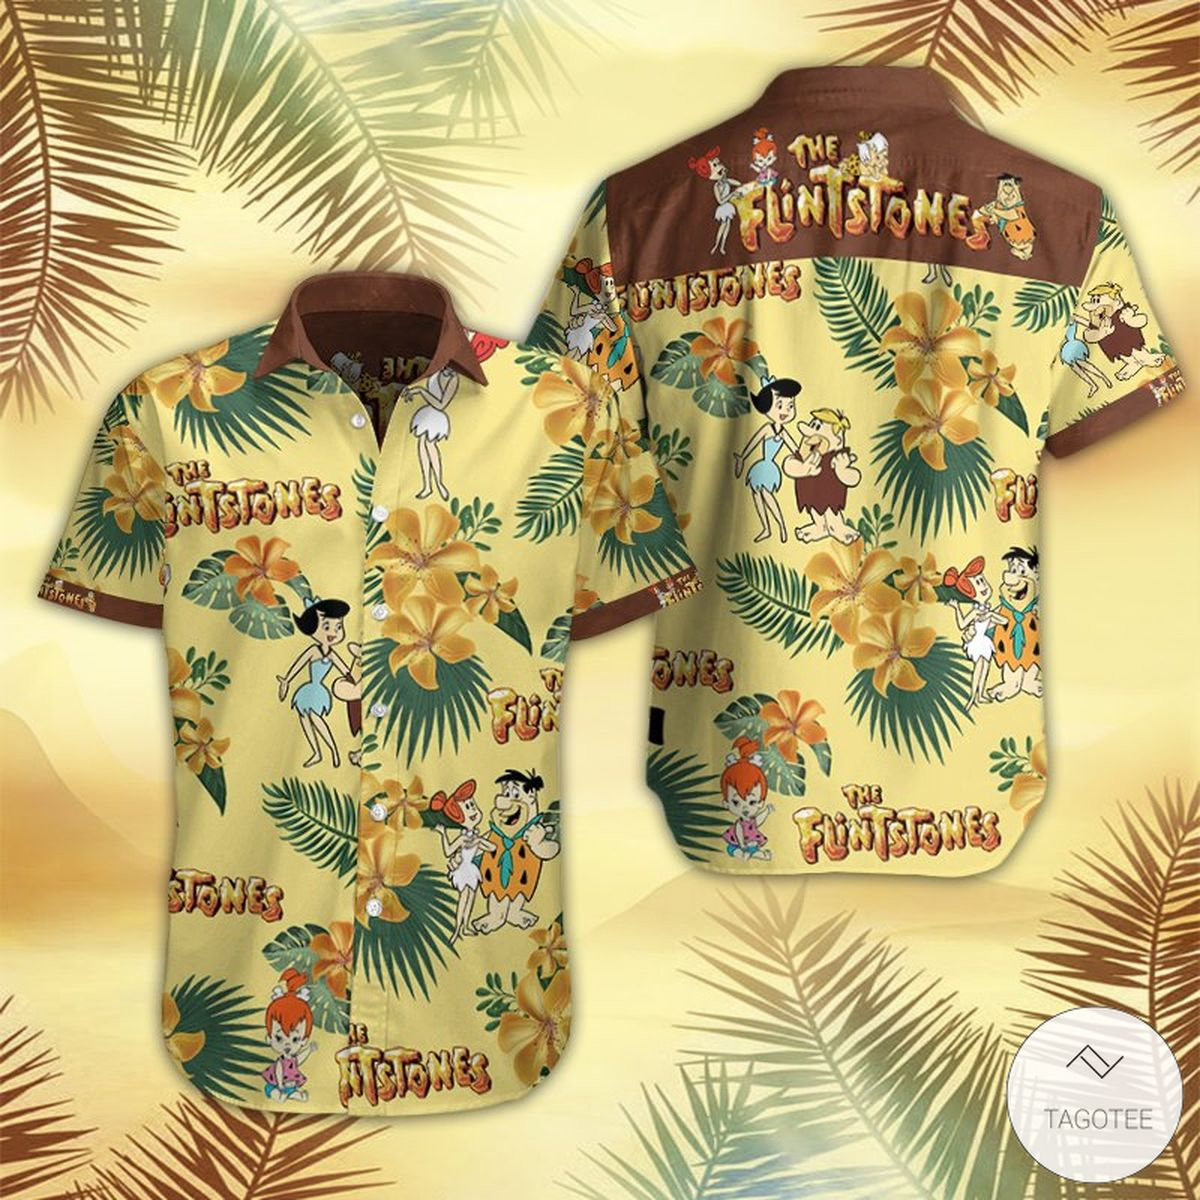 The Flintstones Hawaiian shirt